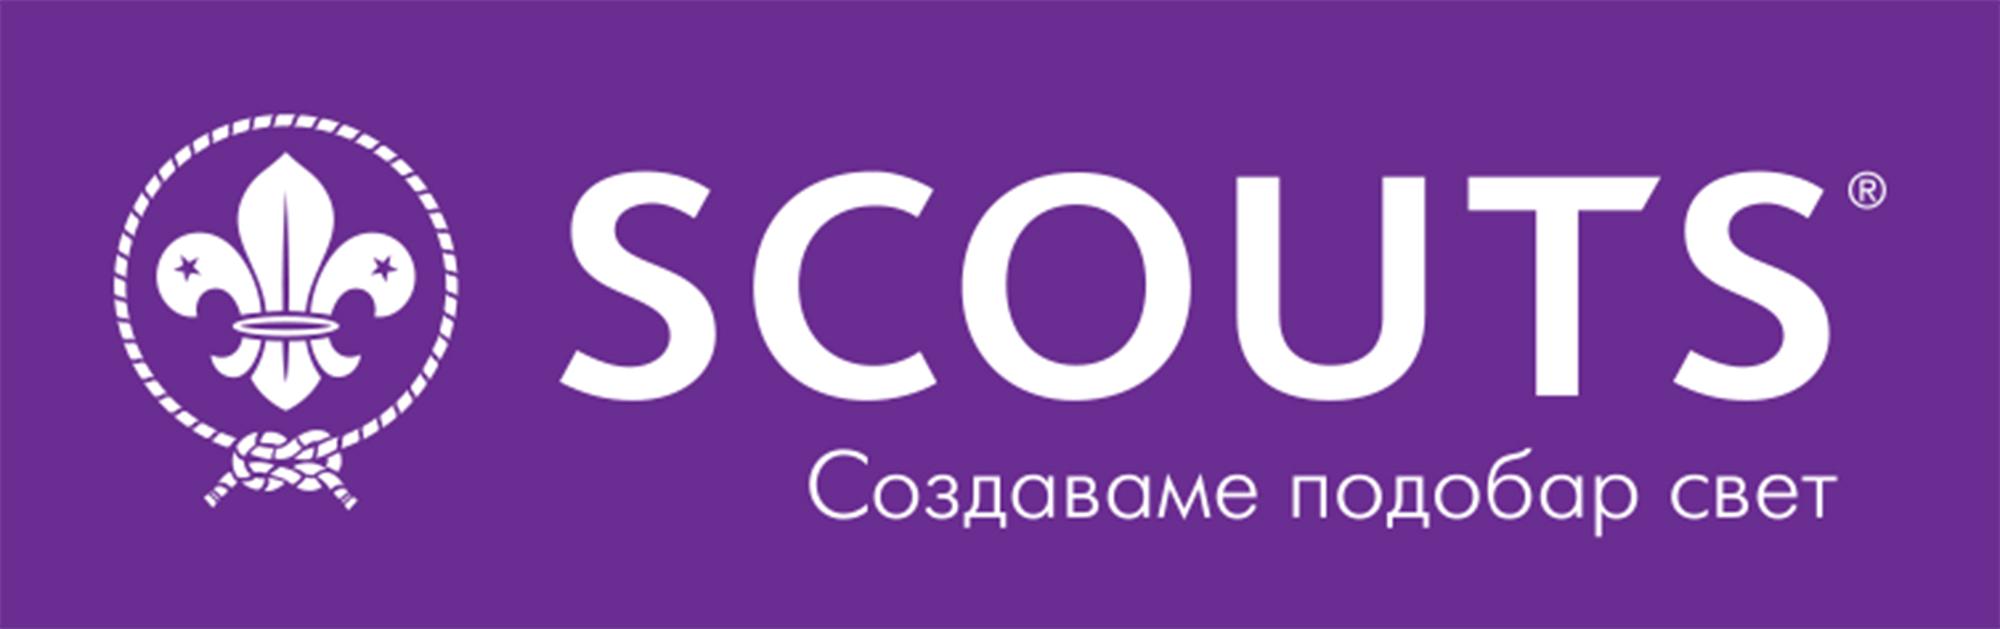 scout mk logo